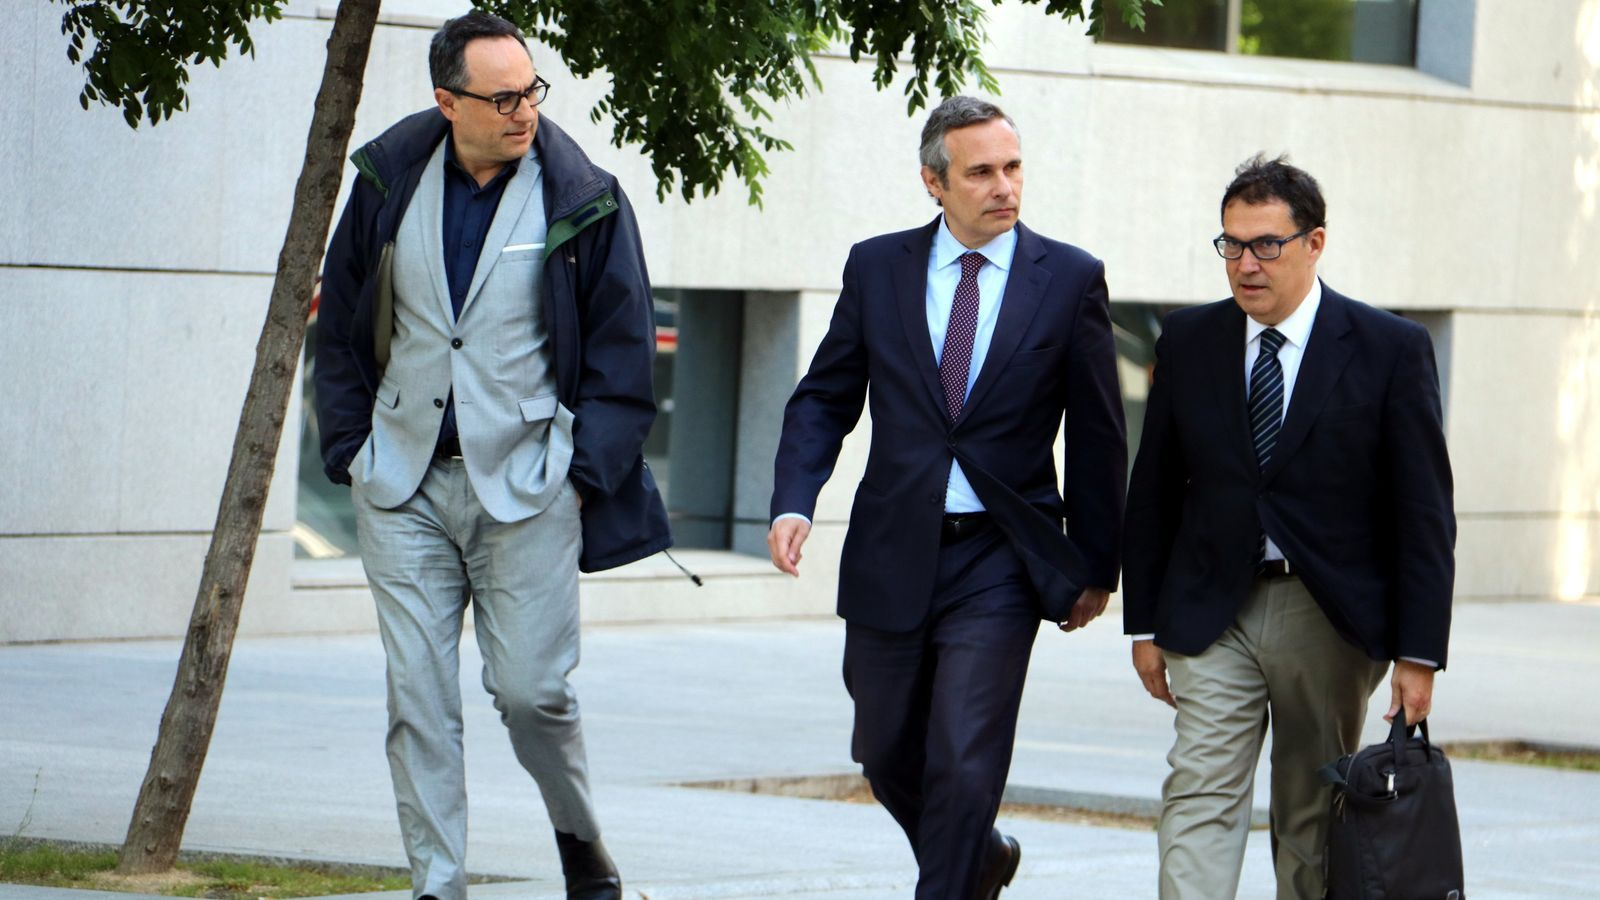 L'historiador Josep Lluís Alay (mig) arribant a declarar a l'Audiència Nacional acompanyat de l'advocat Jaume Alonso-Cuevillas (dreta).